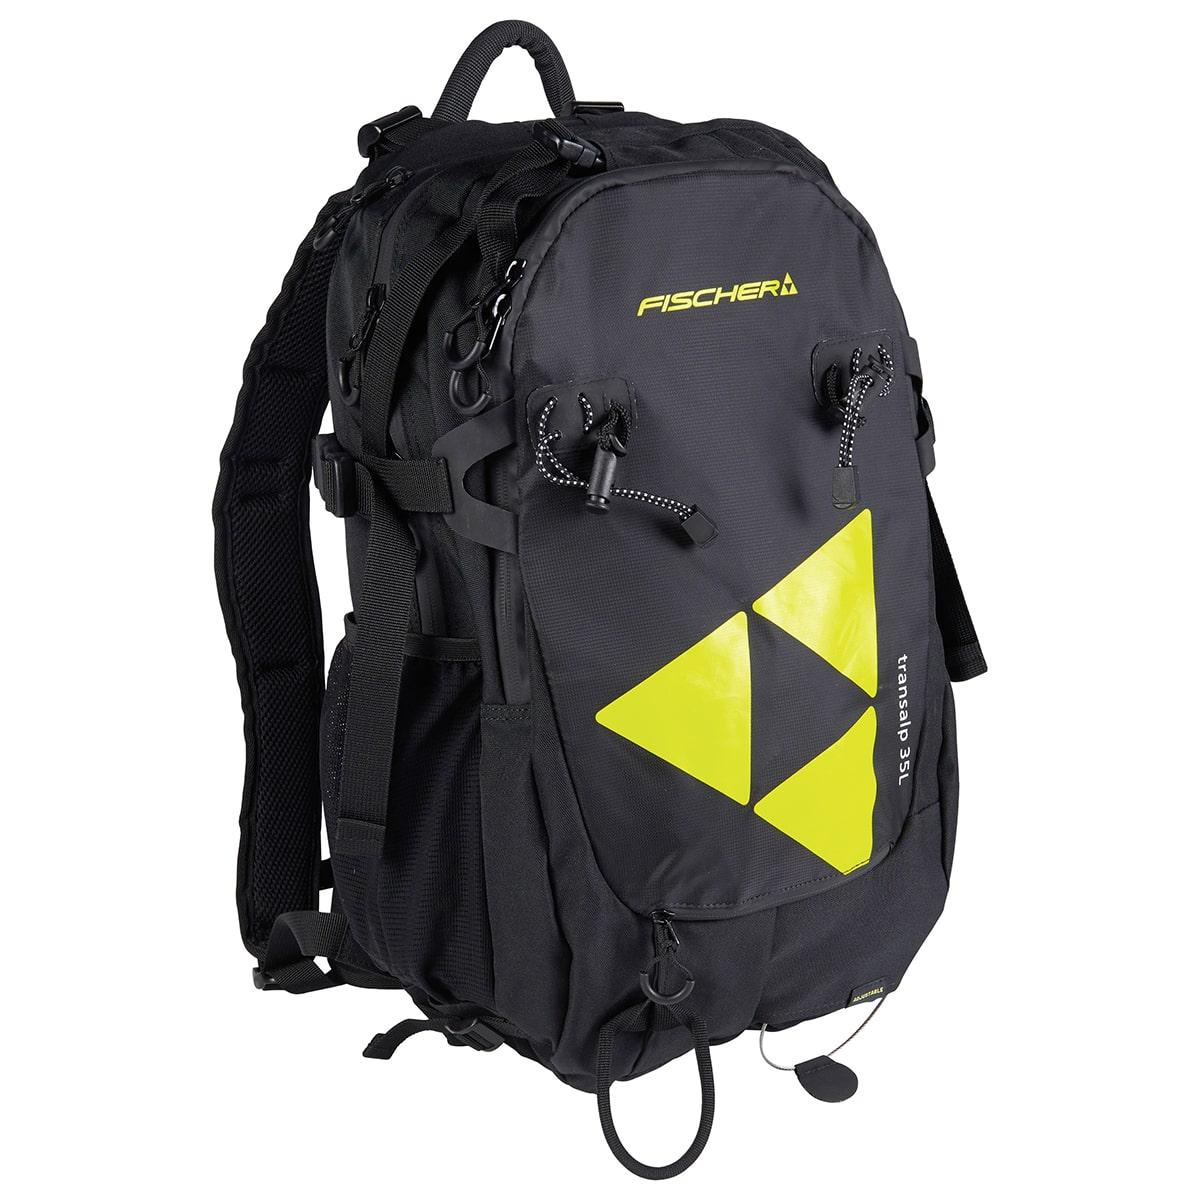 plecak fischer backpack transalp 35l